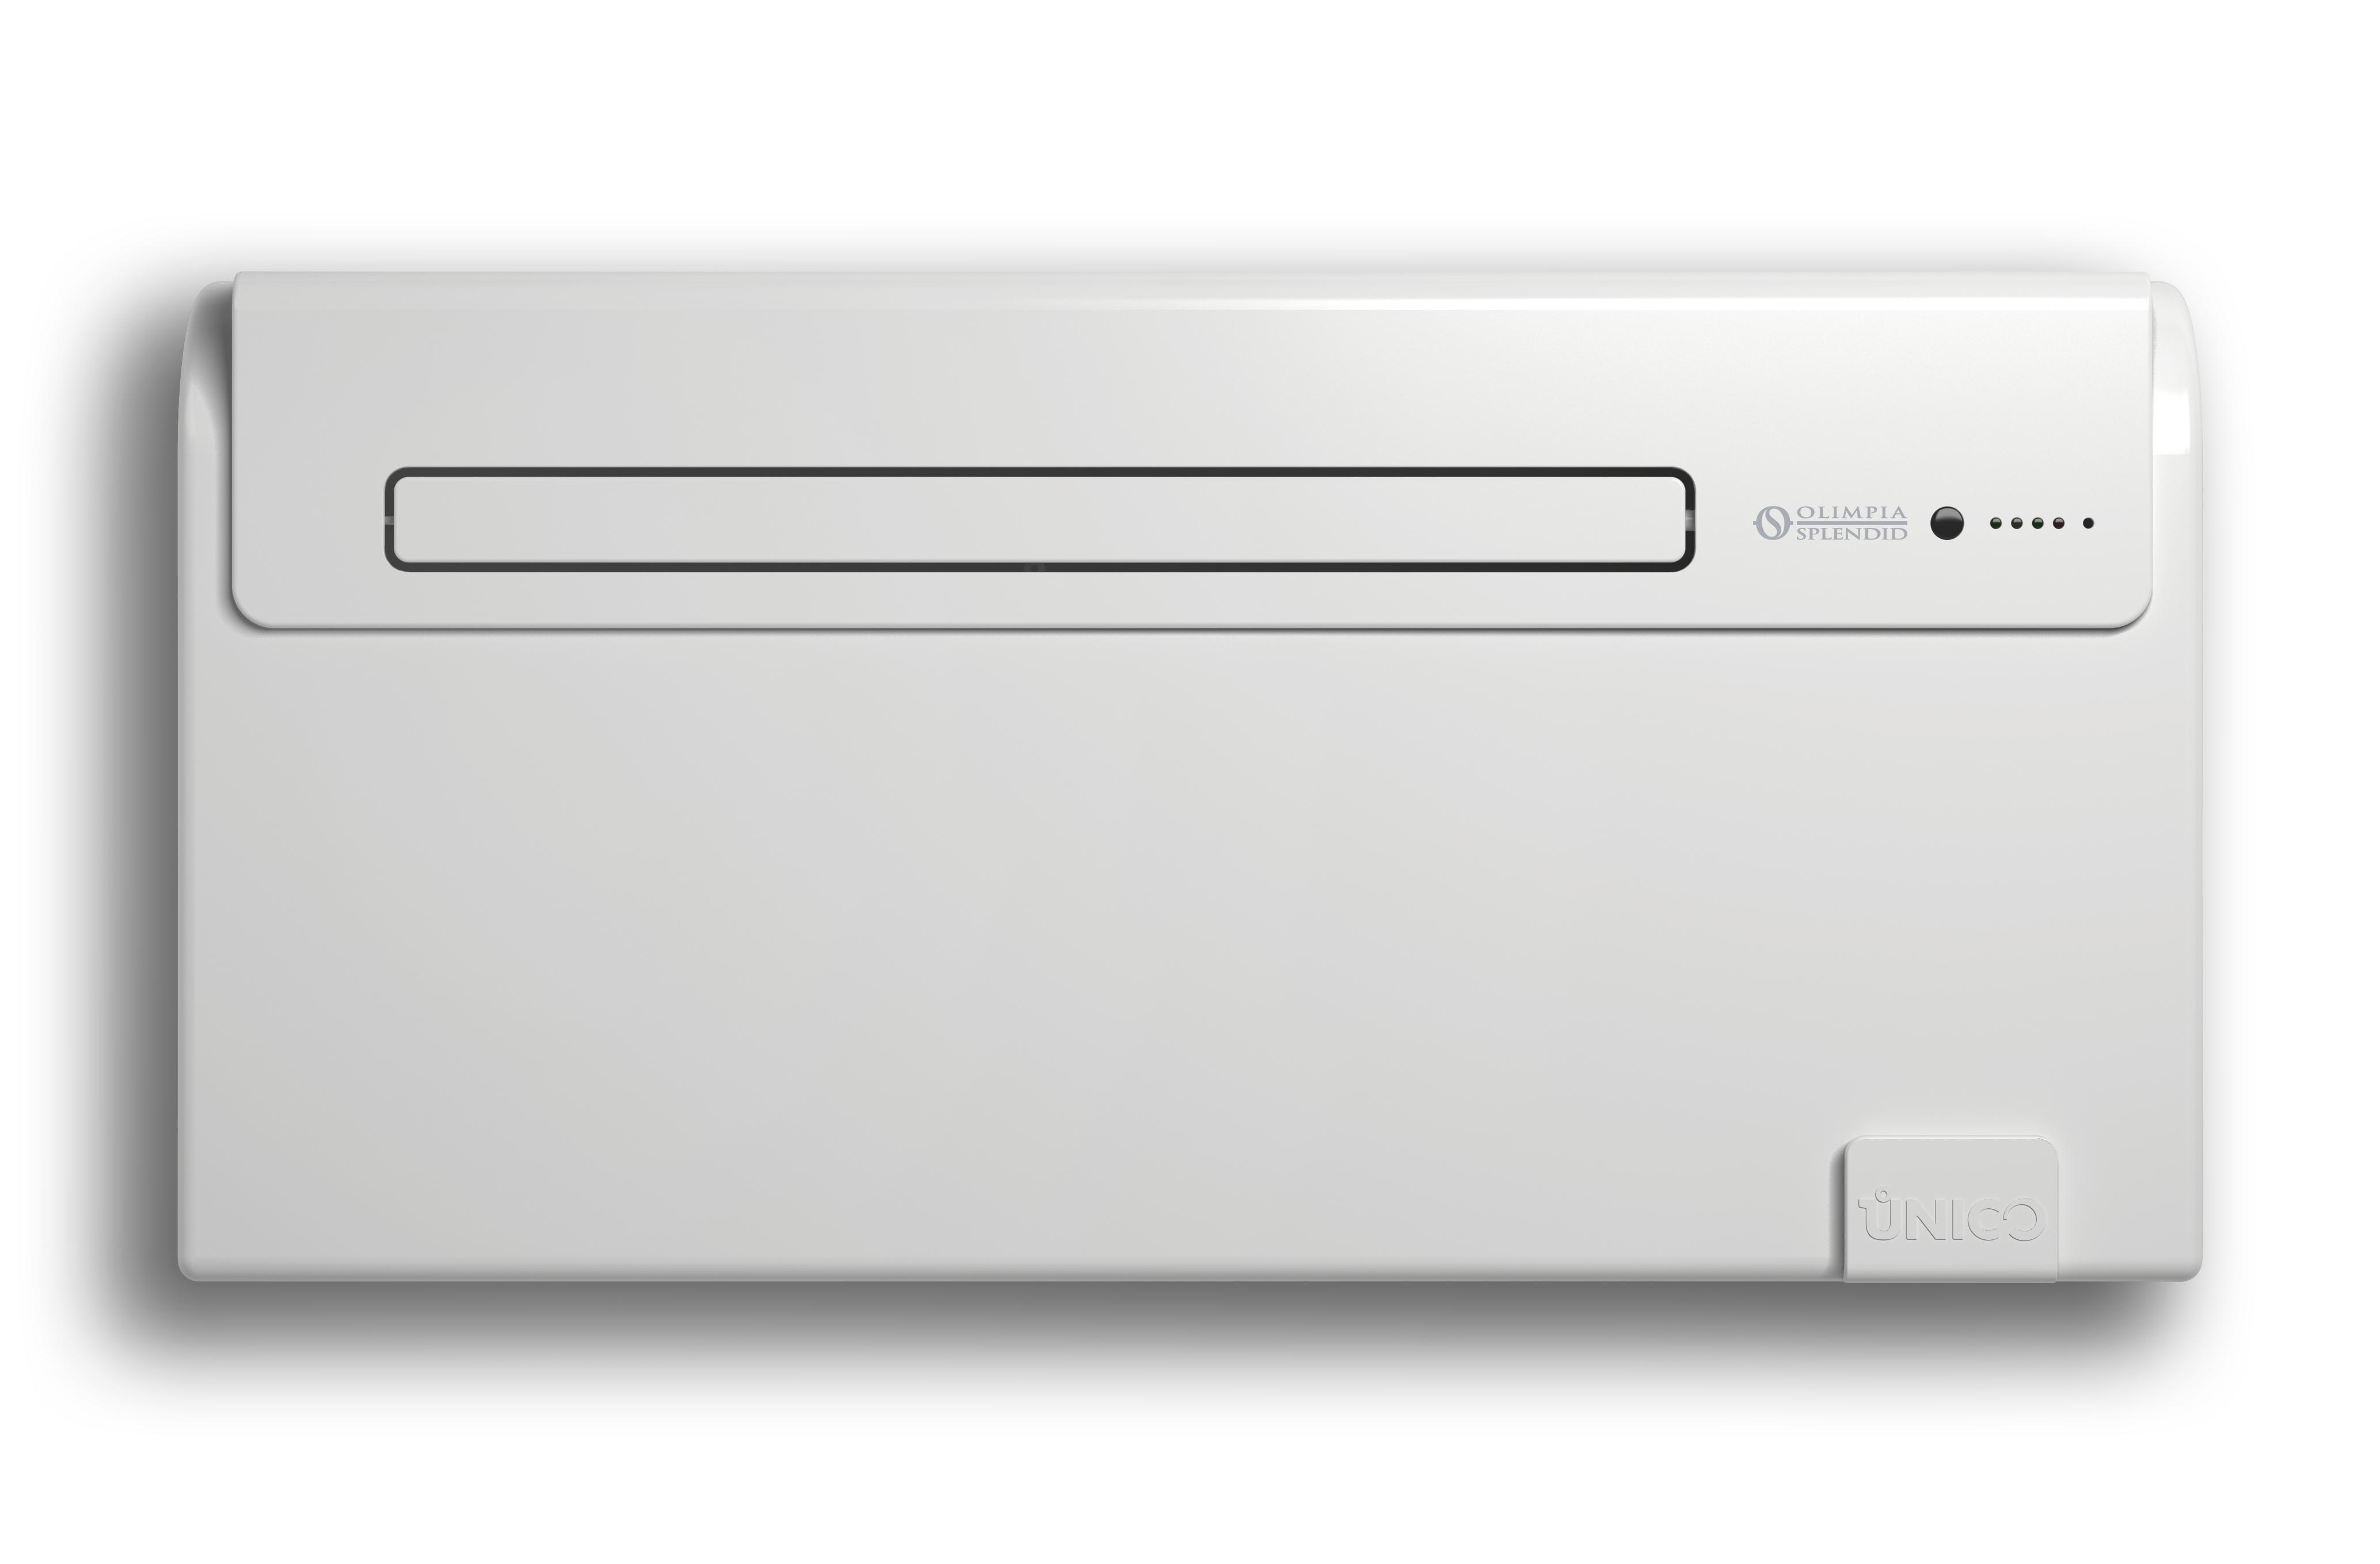 unico air 8 sf 1 8 kw k hlen klimaanlage ohne au eneinheit klima vertrieb. Black Bedroom Furniture Sets. Home Design Ideas